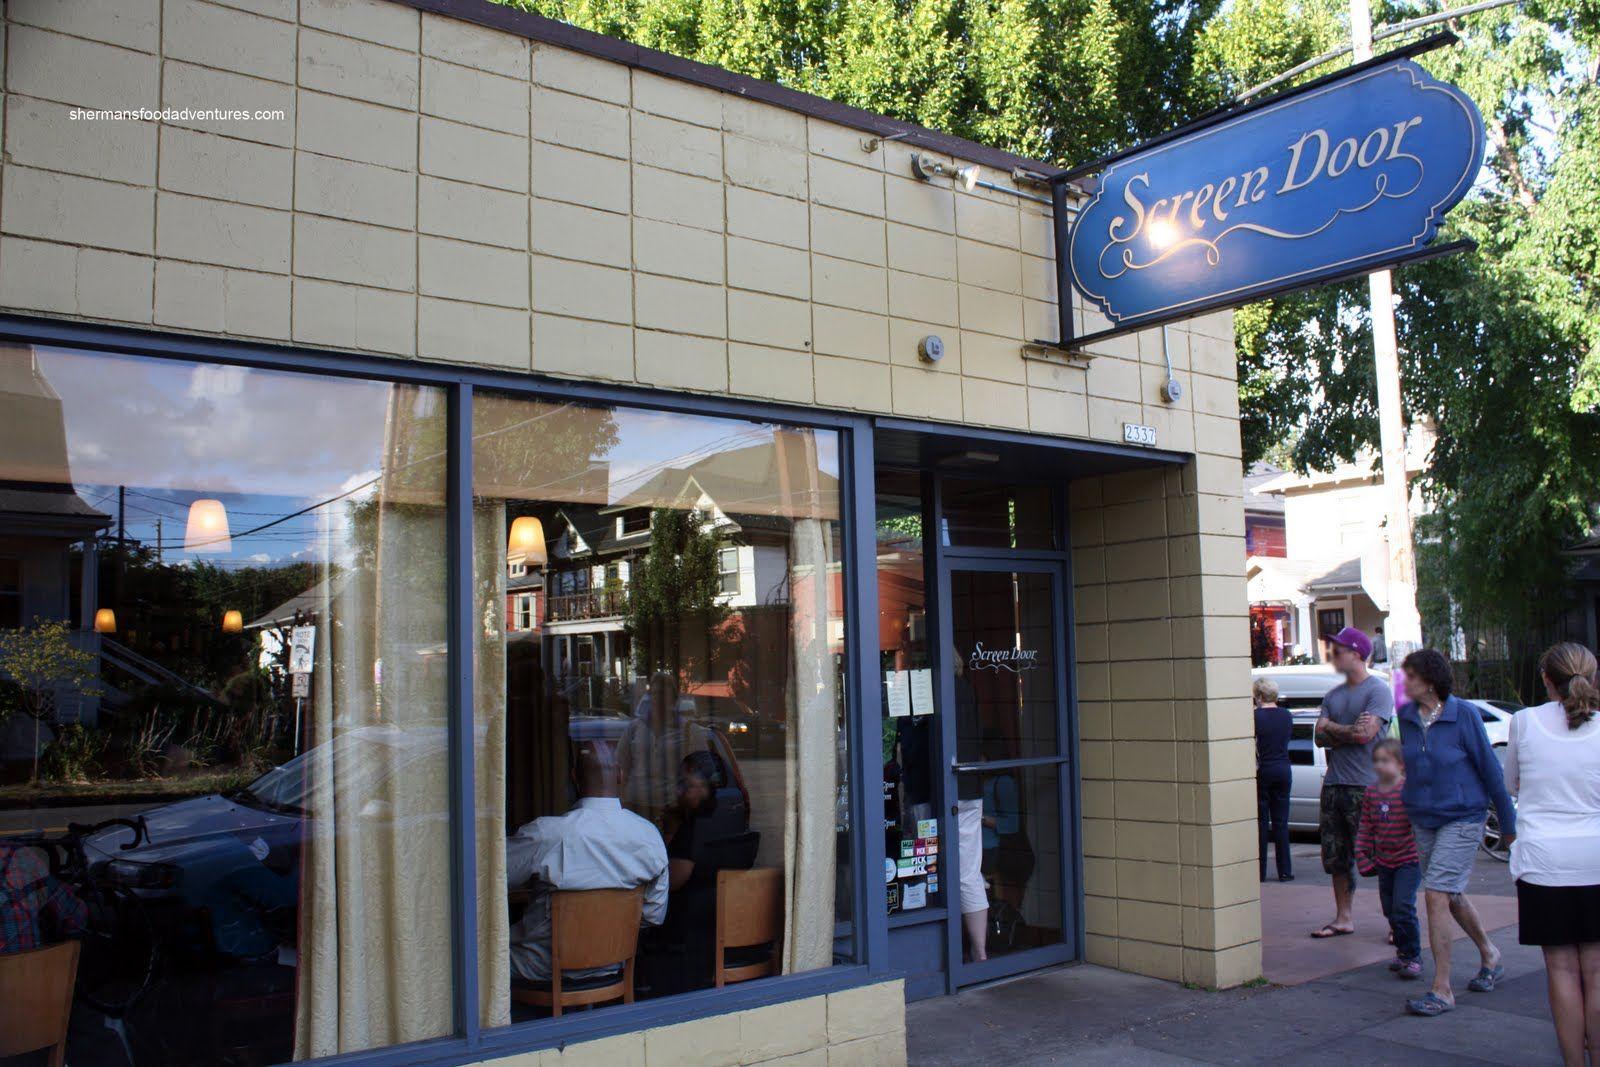 Screen Door Restaurant 2337 East Burnside Street Portland Oregon